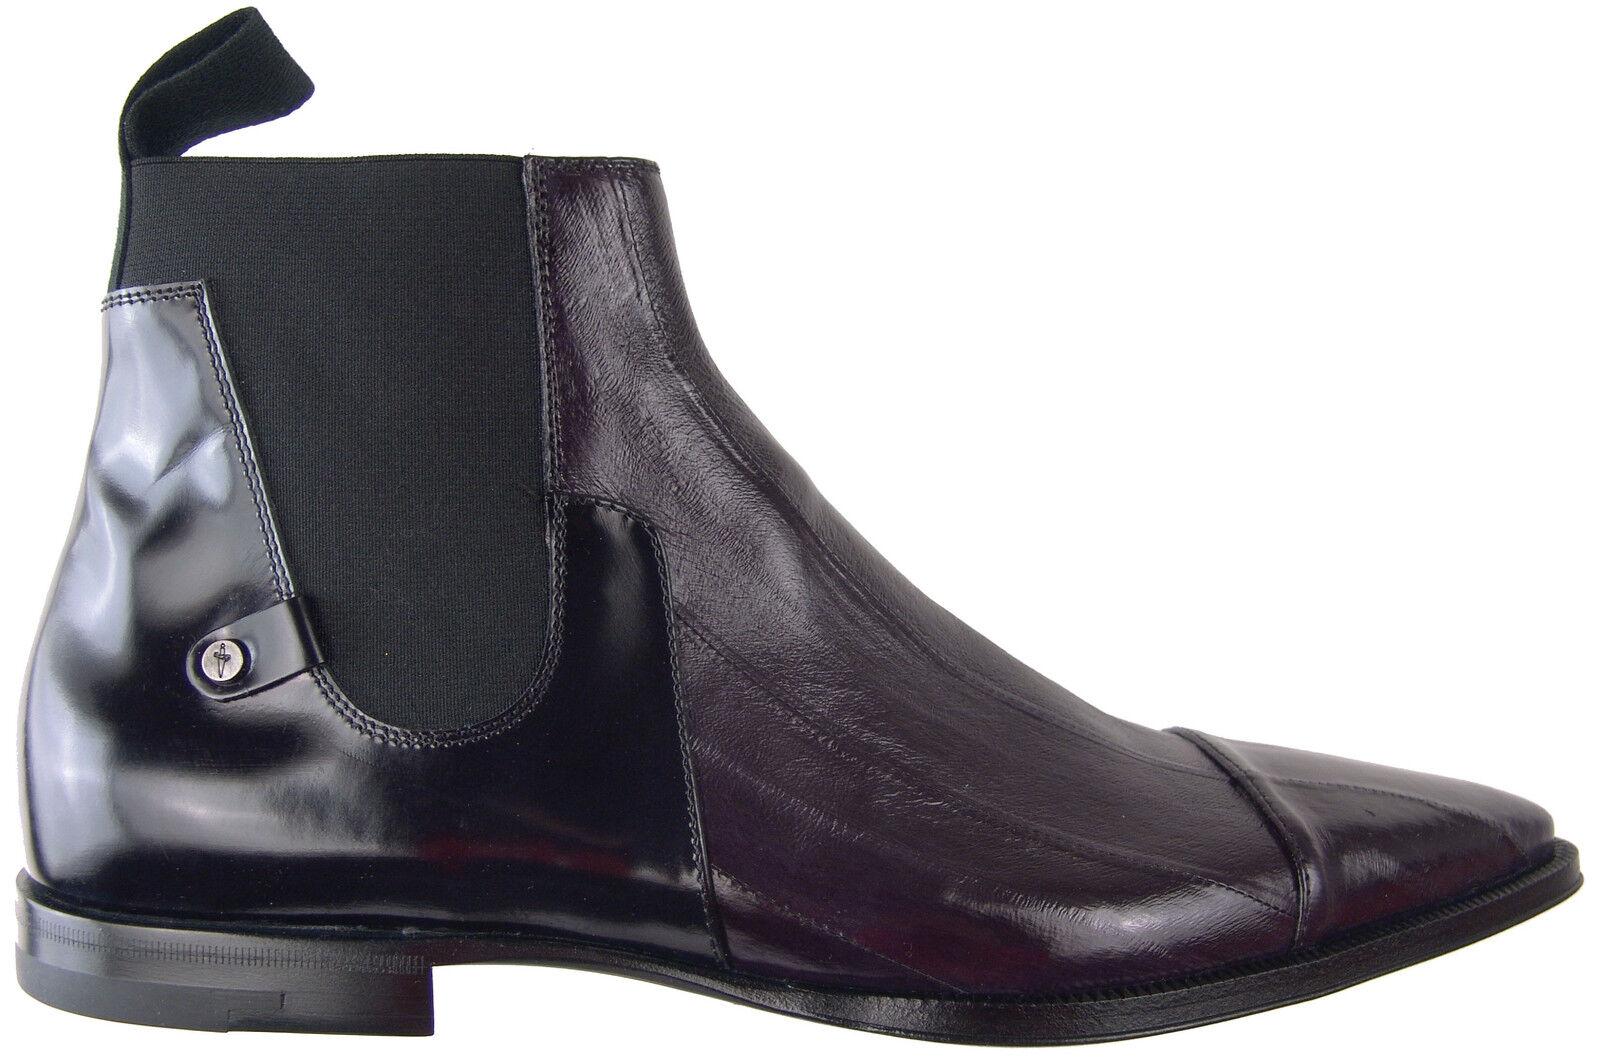 Cesare Paciotti Anguila botas al Tobillo Zapatos US 6.5 Diseñador Italiano